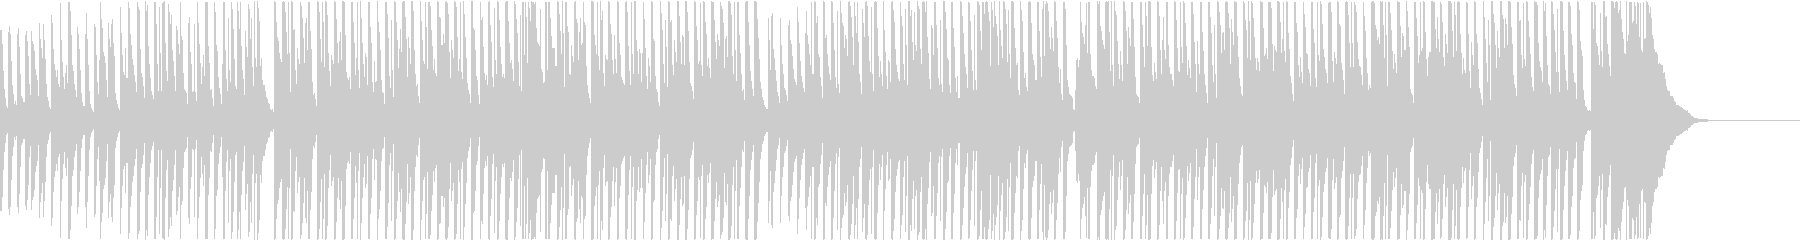 鉄琴とピアノの元気で明るいポップスの未再生の波形